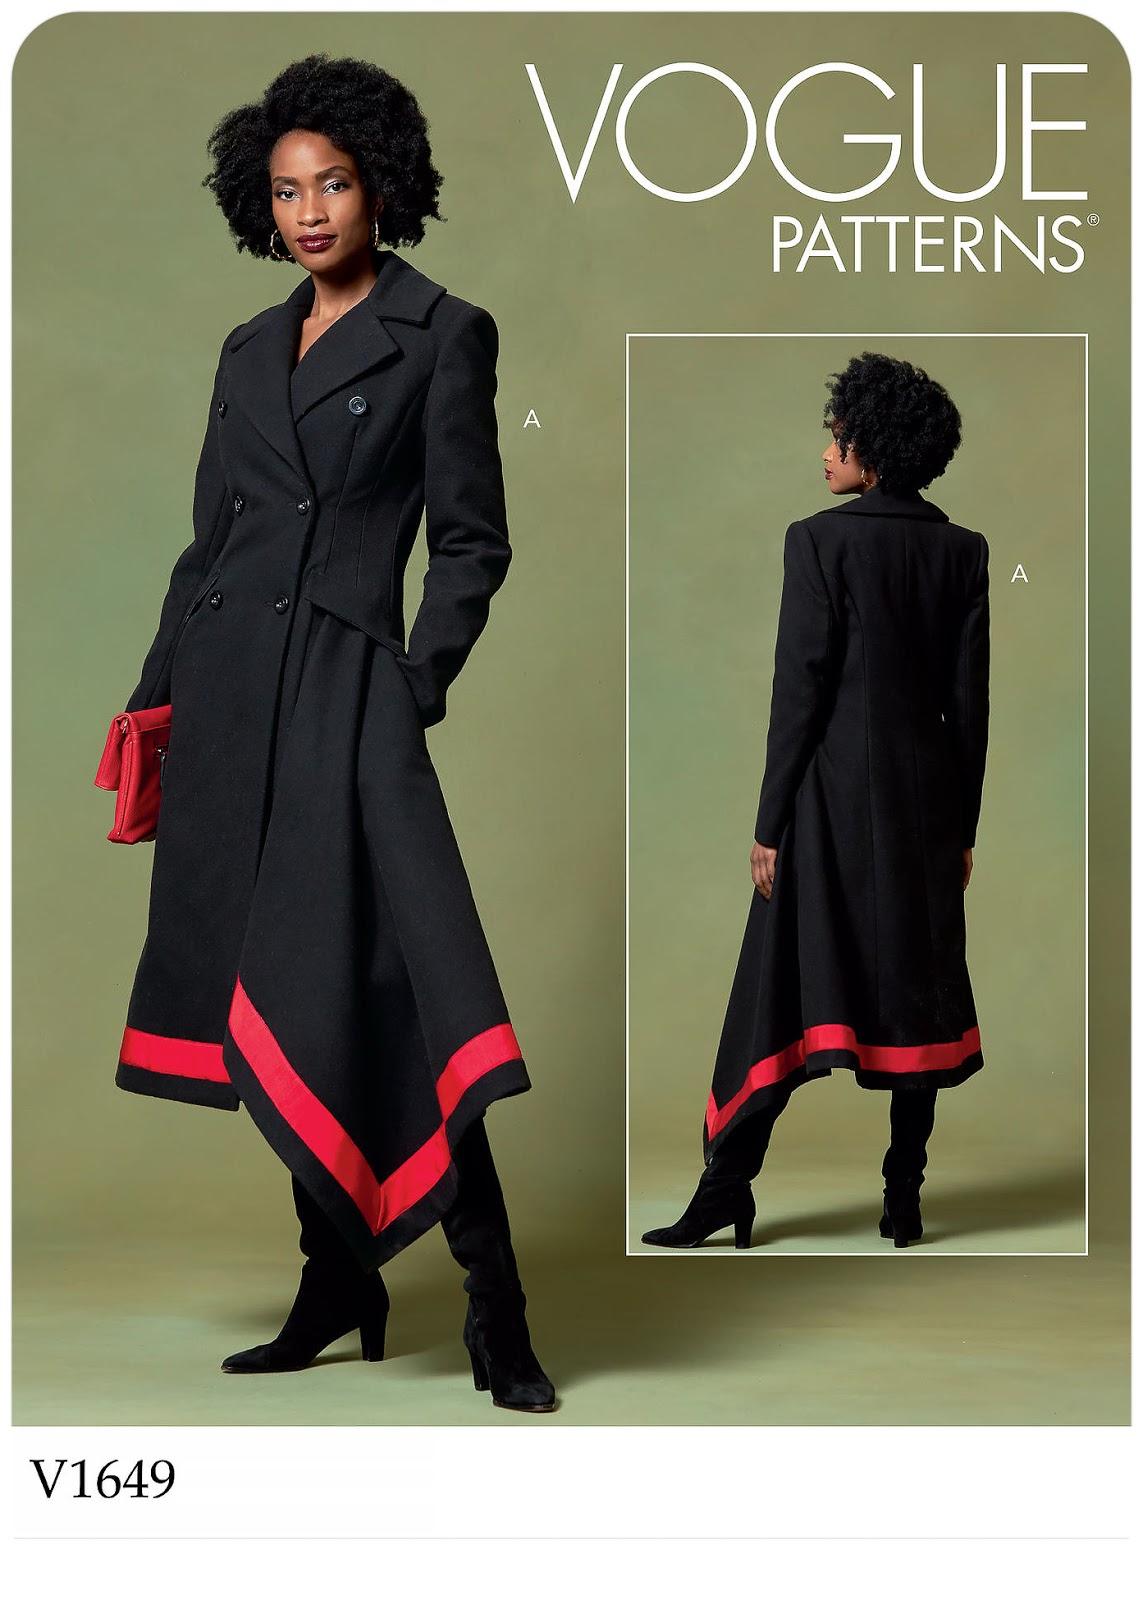 Vogue Patterns 1649 - #V1649